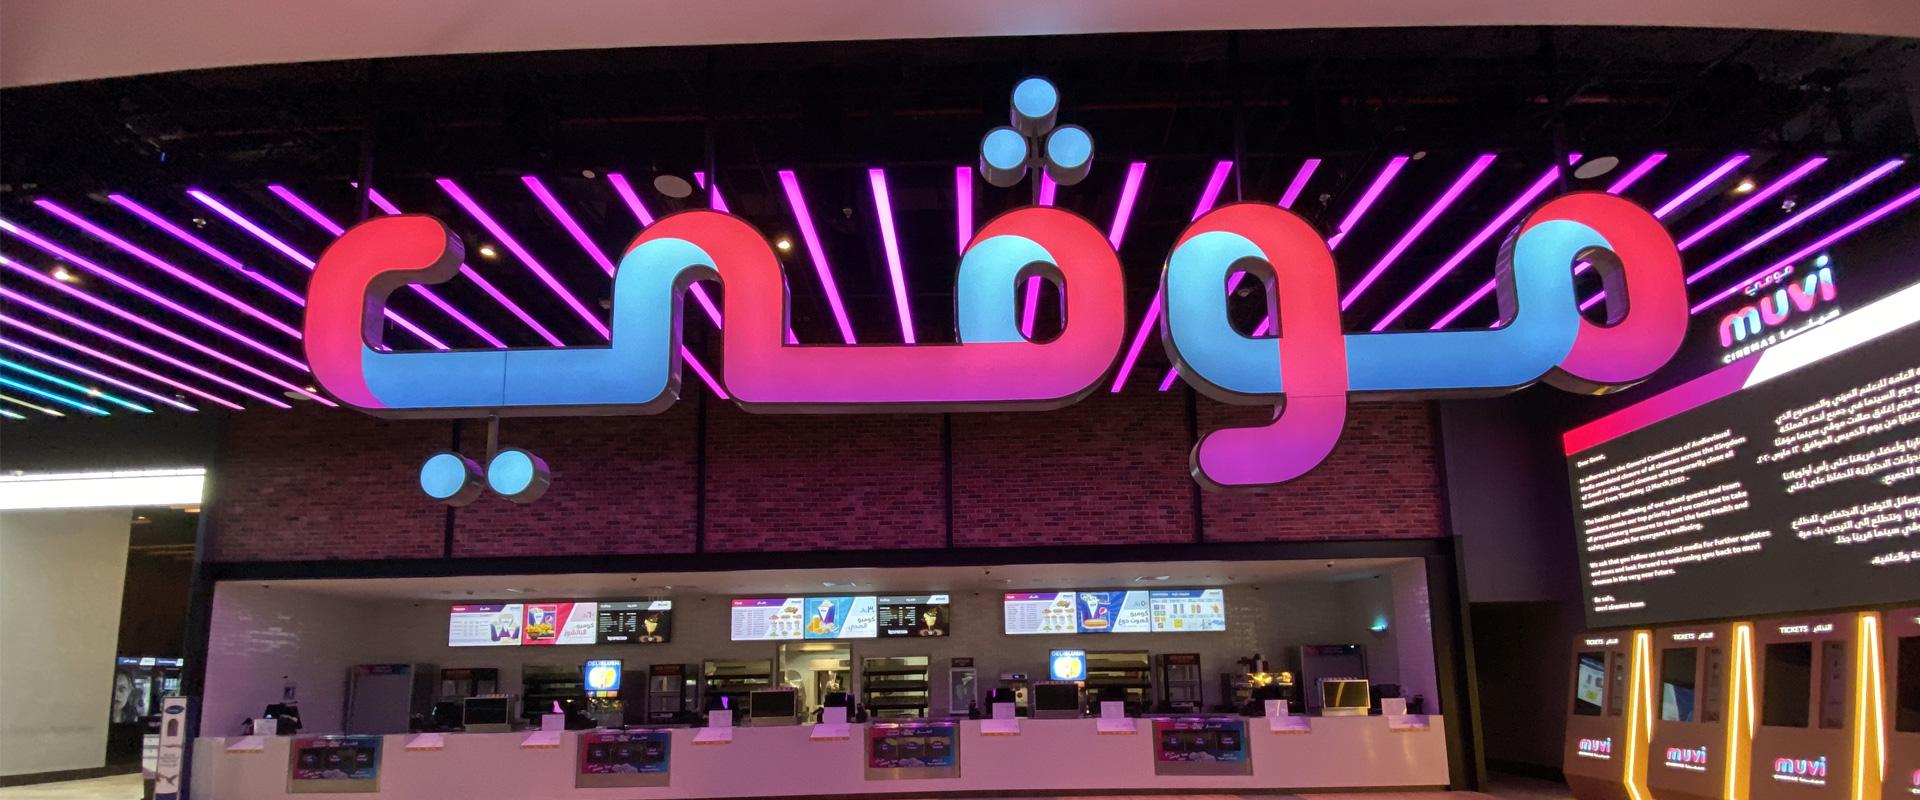 النخيل مول الدمام احجز تذاكر الأفلام السينمائية على الانترنت موڤي سينما في السعودية